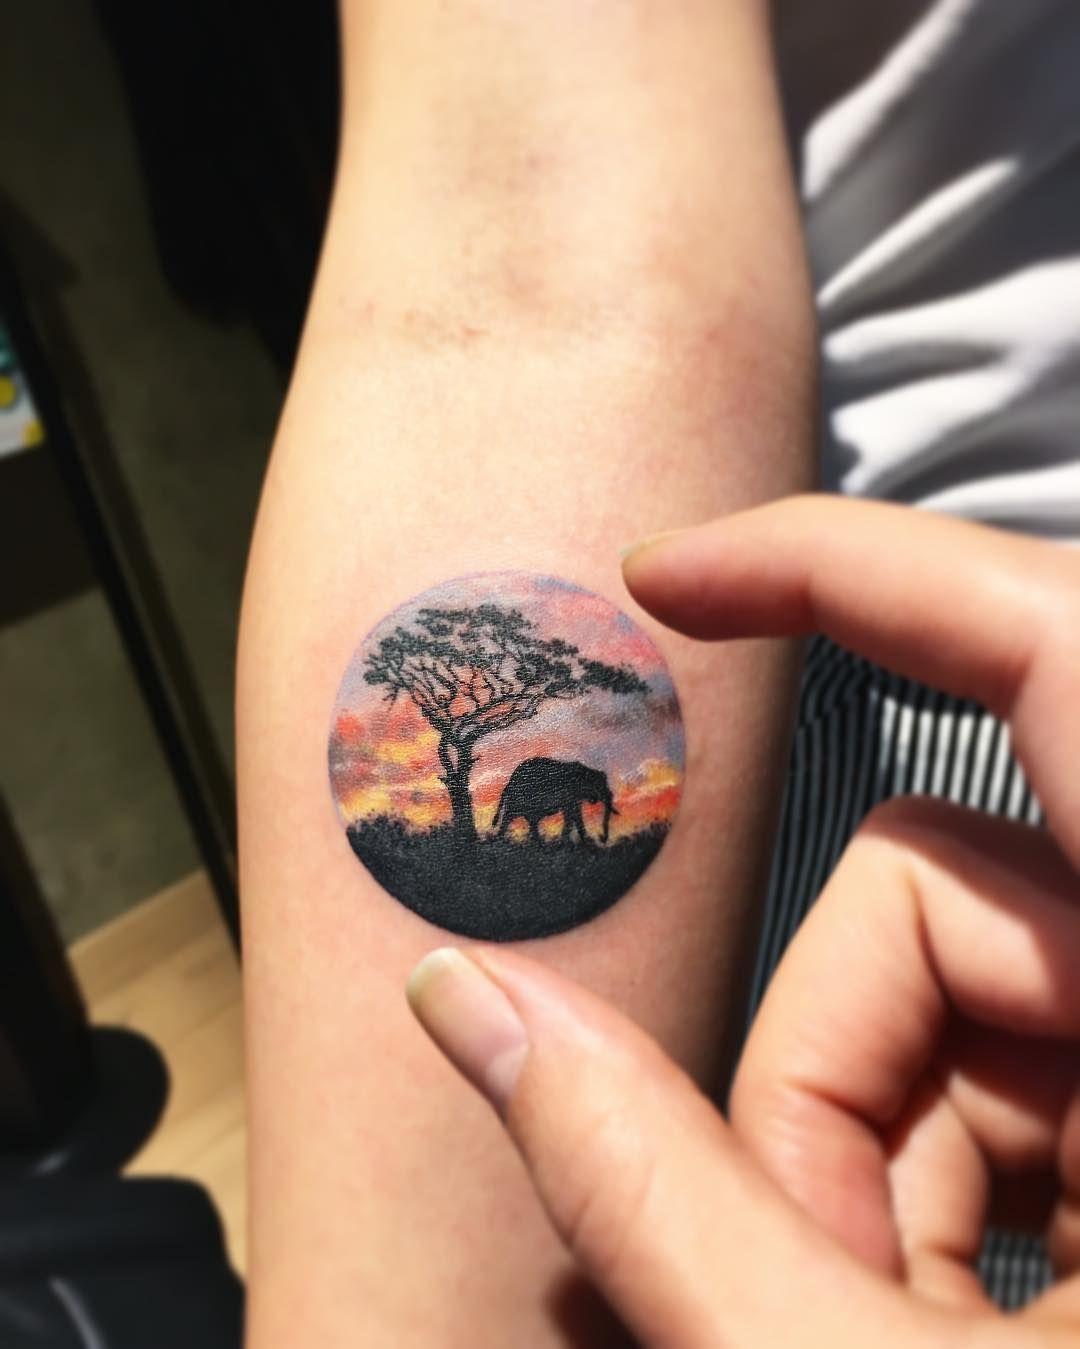 1337tattoos Evakrbdk Tattoos Pinterest Tattoos Elephant